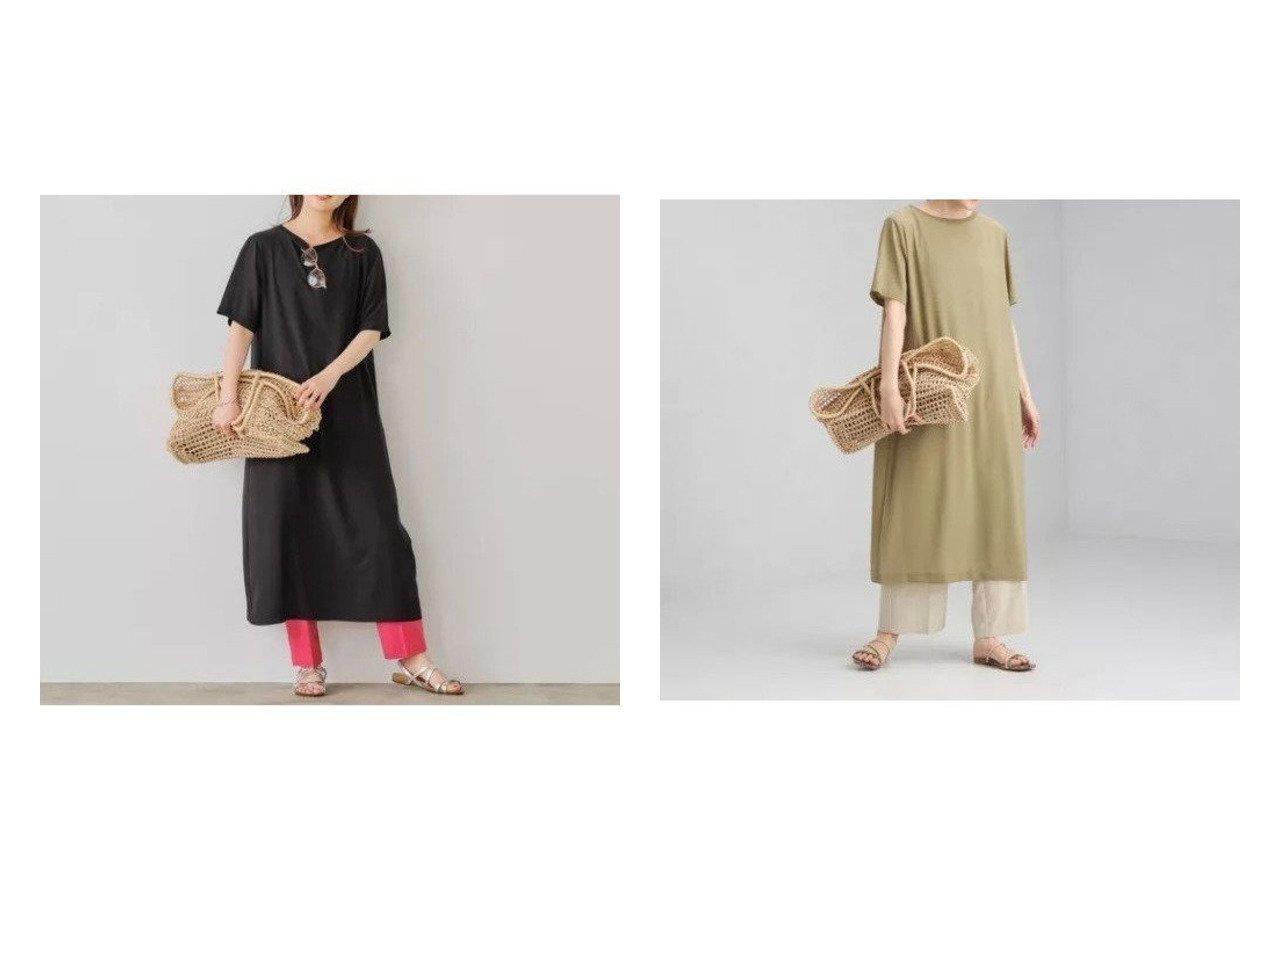 【green label relaxing / UNITED ARROWS/グリーンレーベル リラクシング / ユナイテッドアローズ】のFFC シアー ワンピース & カップ キャミ セット 【ワンピース・ドレス】おすすめ!人気、トレンド・レディースファッションの通販 おすすめで人気の流行・トレンド、ファッションの通販商品 インテリア・家具・メンズファッション・キッズファッション・レディースファッション・服の通販 founy(ファニー) https://founy.com/ ファッション Fashion レディースファッション WOMEN ワンピース Dress おすすめ Recommend インナー キャミ キャミソール シアー シンプル ワイド 半袖 夏 Summer |ID:crp329100000047619